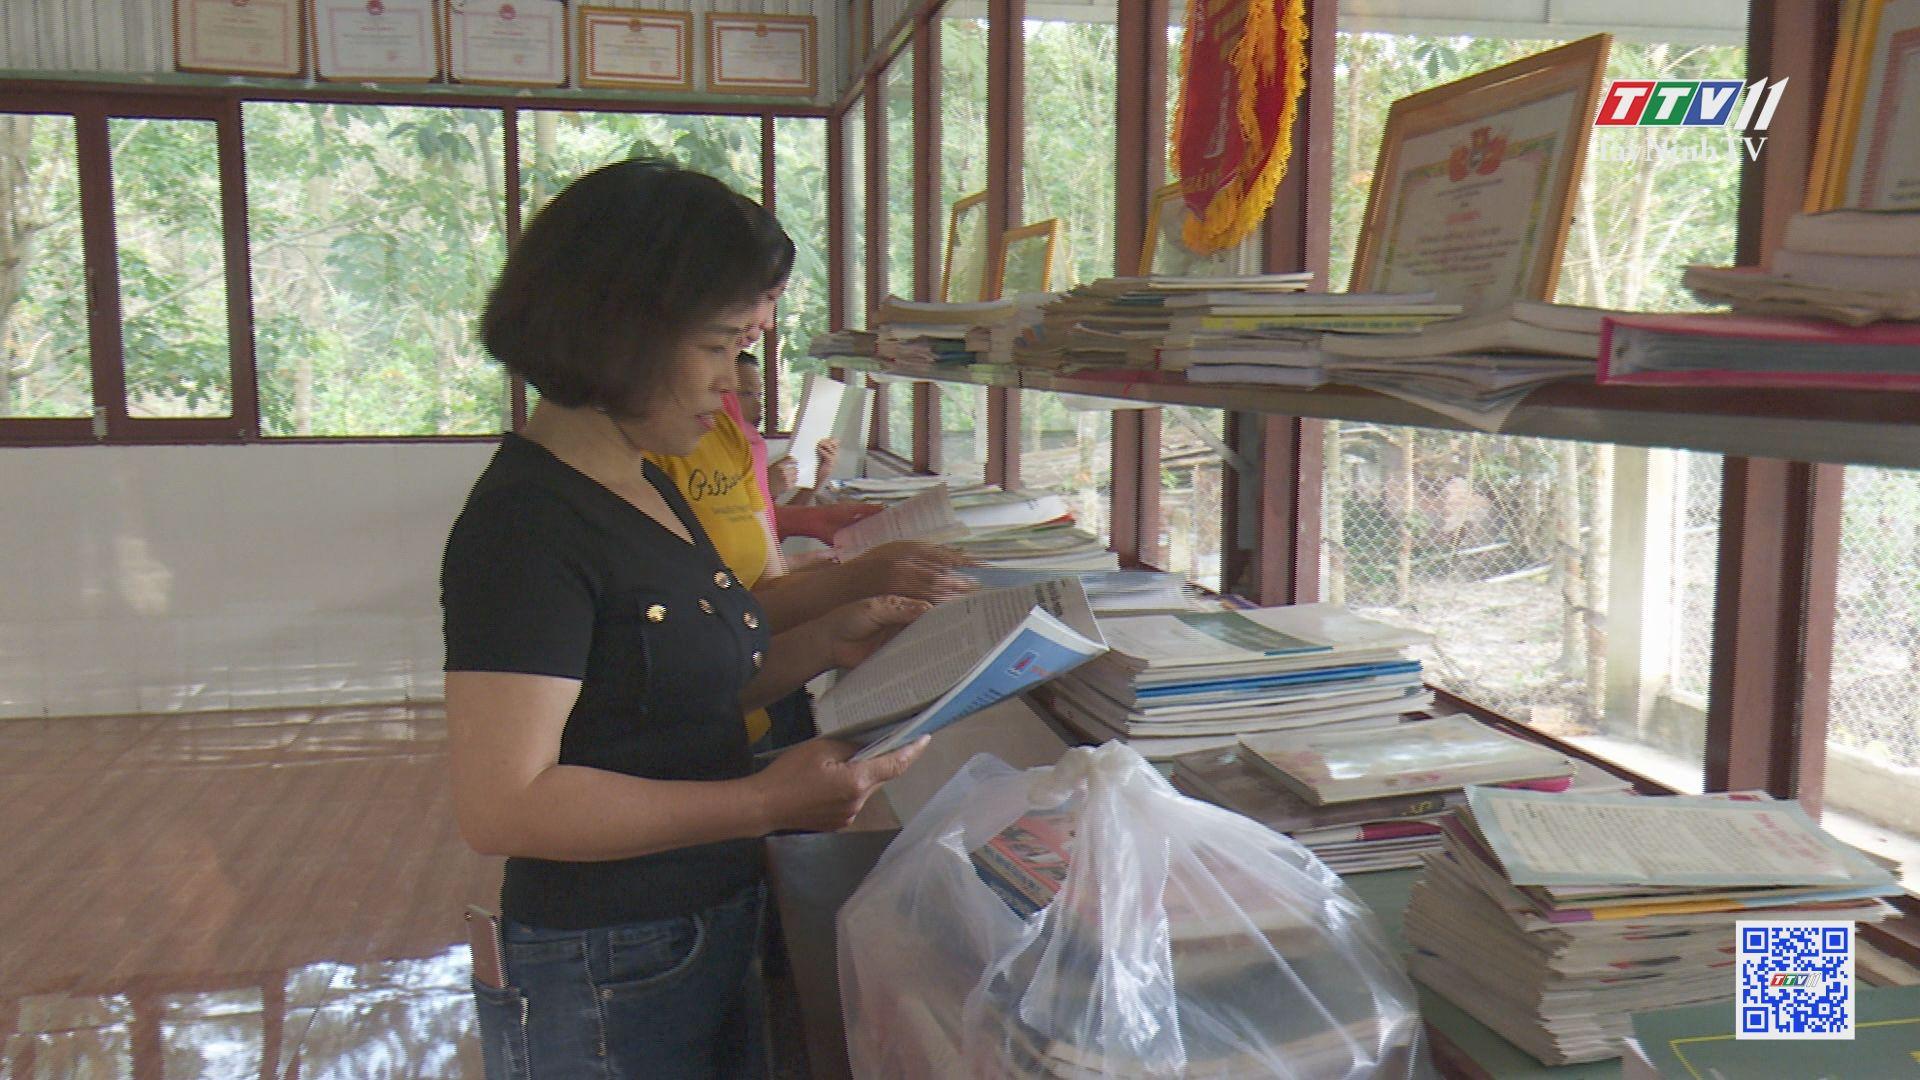 Đổi đời cho Hợp tác xã | DẤU ẤN CUỘC ĐỜI | TayNinhTV